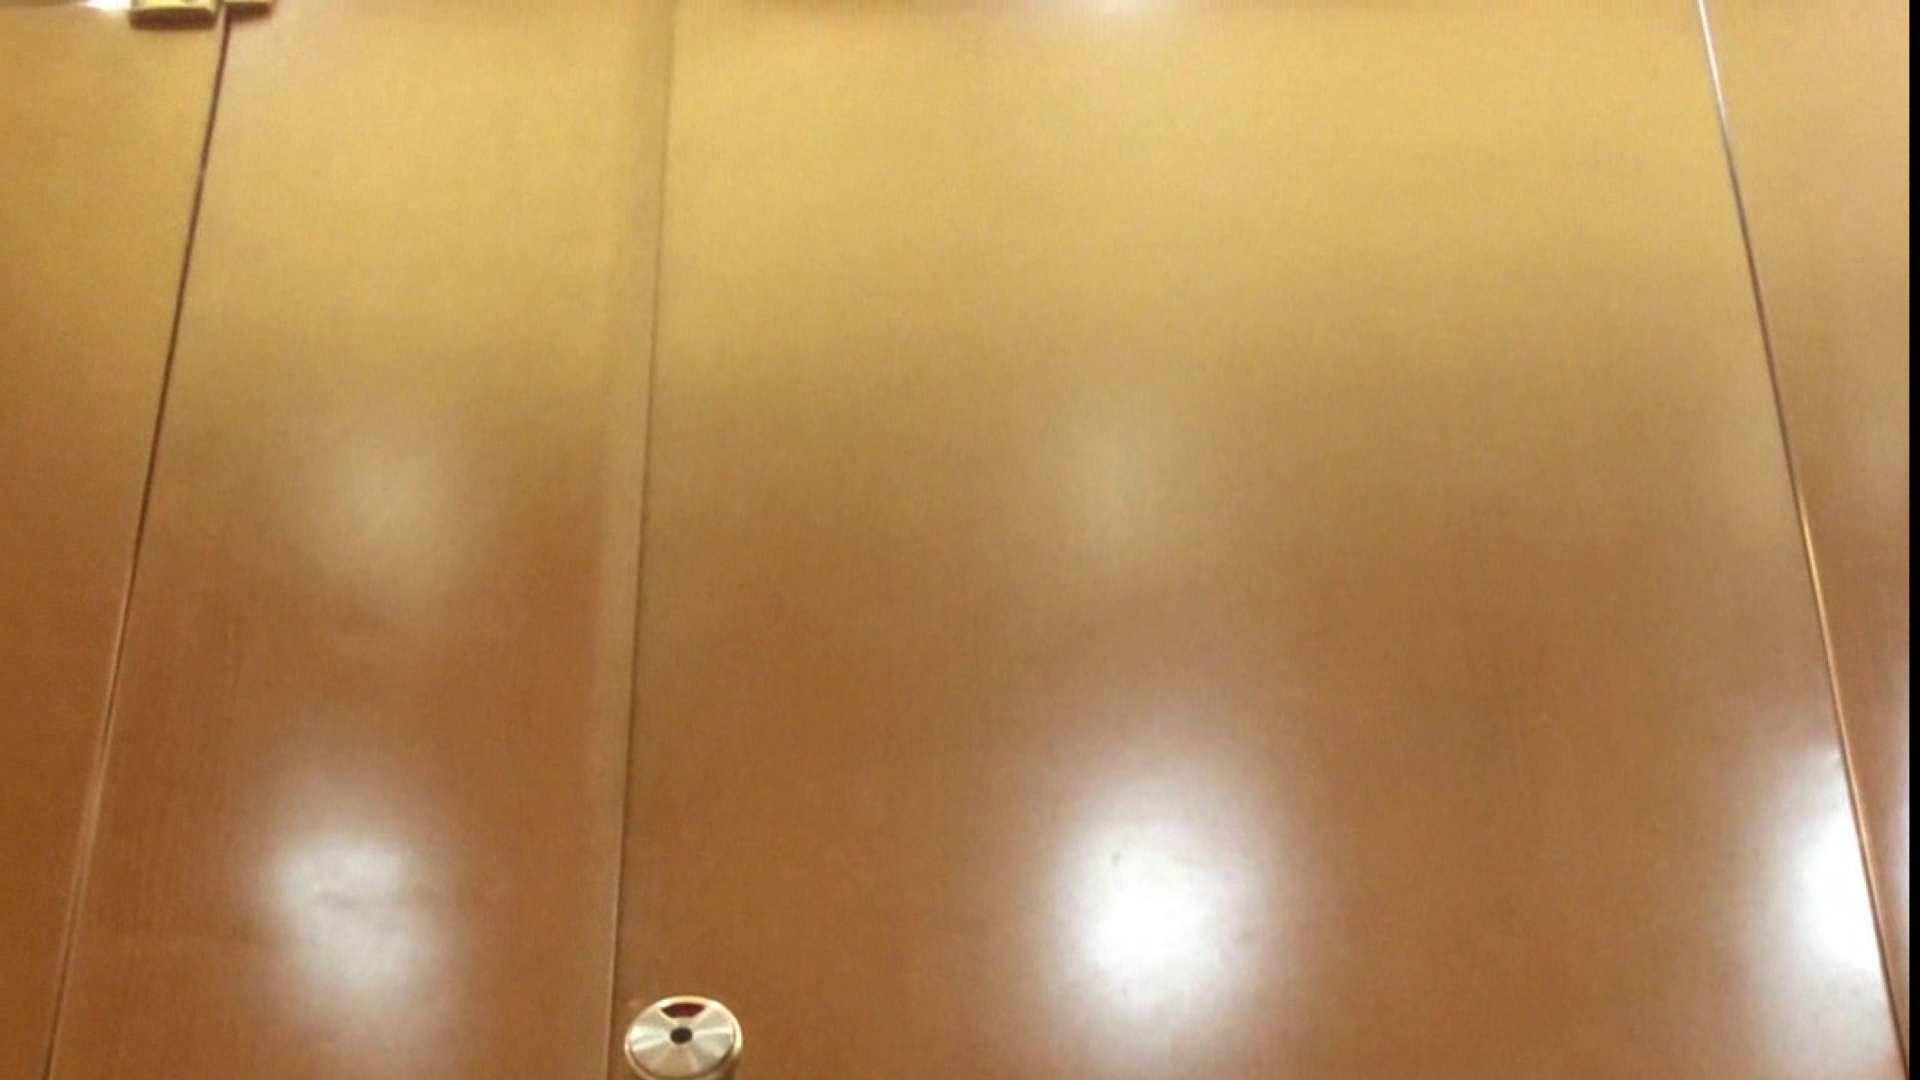 「噂」の国の厠観察日記2 Vol.01 人気シリーズ | 厠・・・  89PIX 7